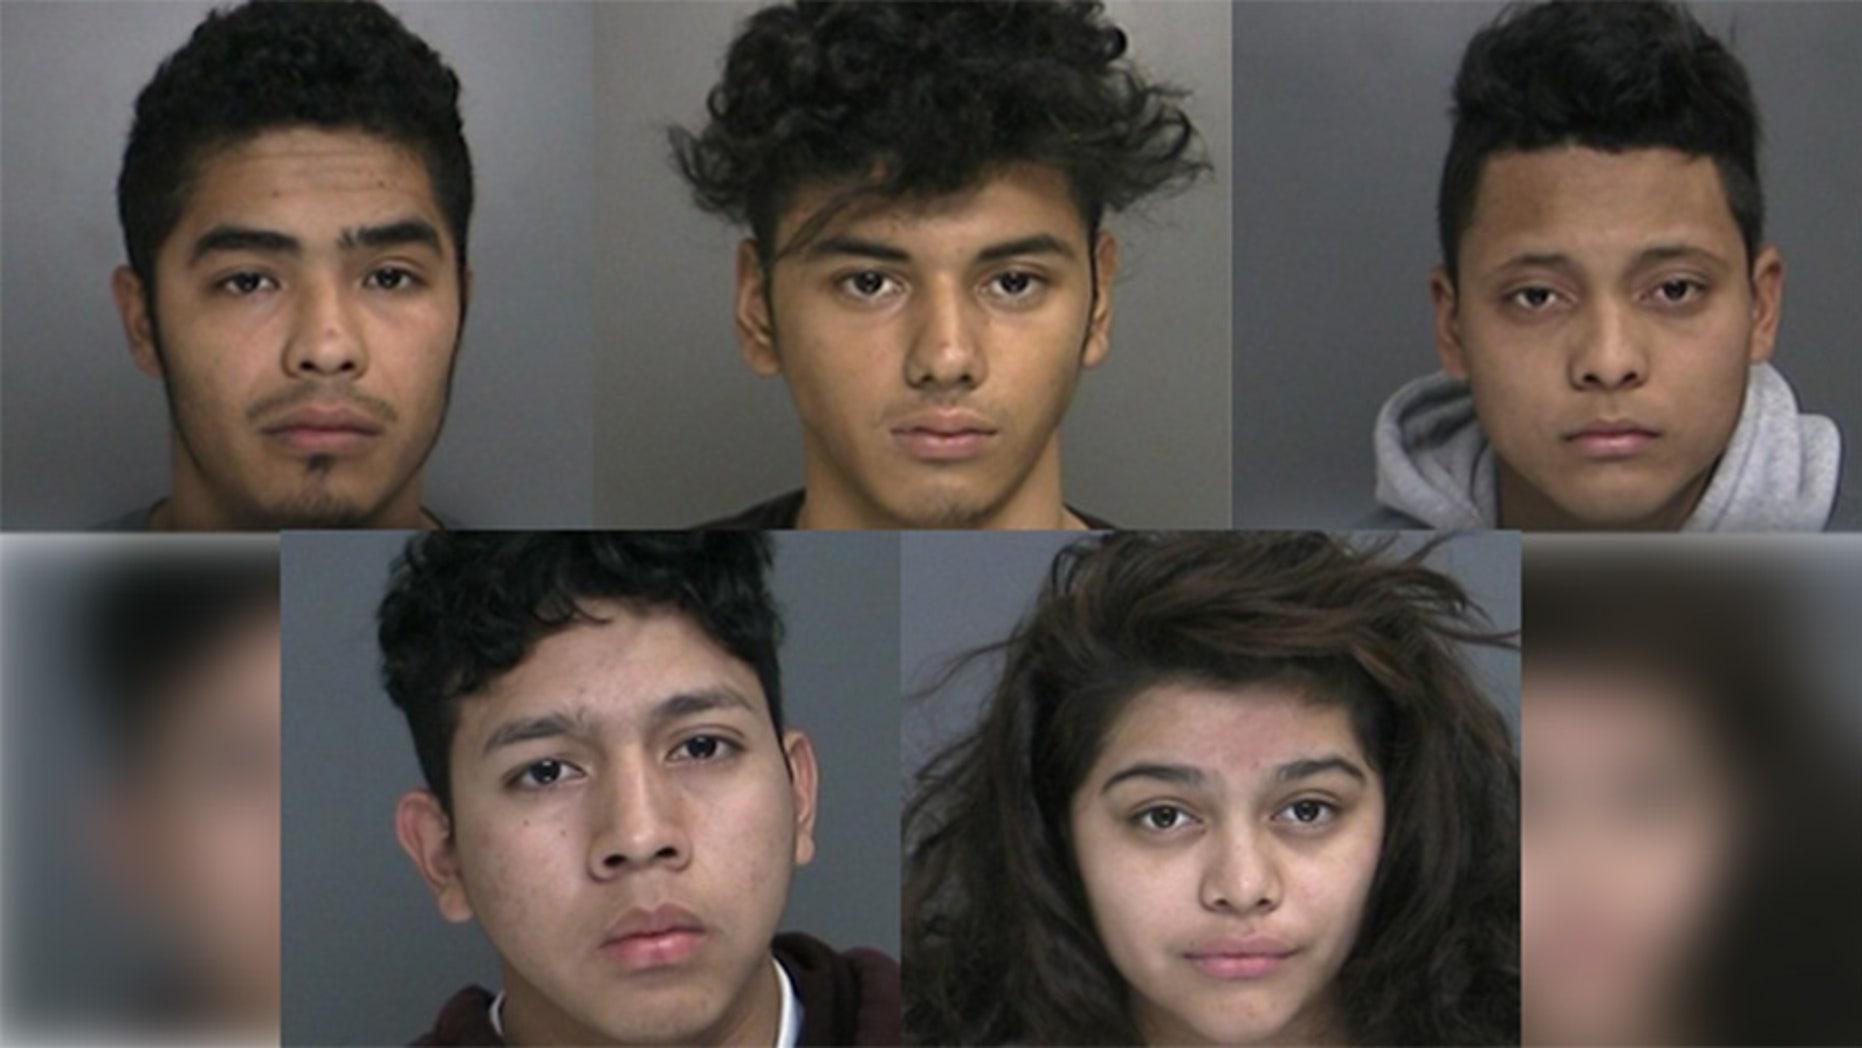 Miguel Rivera, Oscar Fuentes, Vidal Ortiz Contreras, Jorge Bermudez Cedillos and Lilliana Villanueva (Suffolk County Police Department)